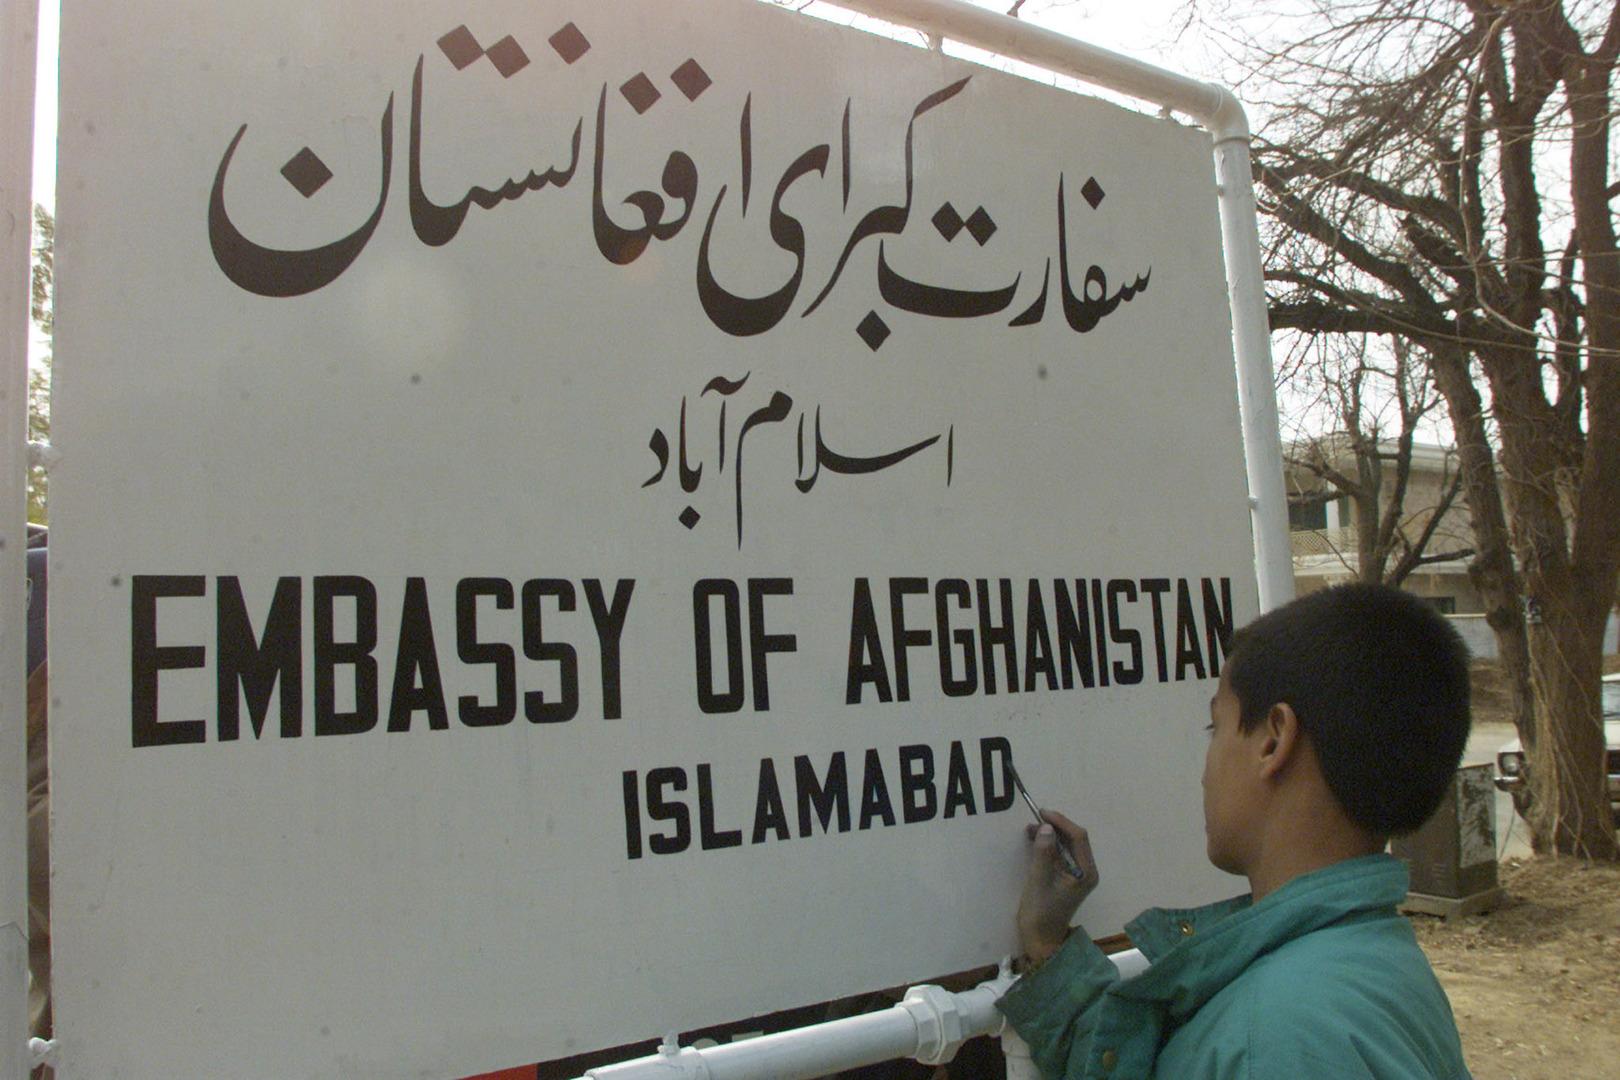 السفير الأفغاني في باكستان يتلقى رسالة تهديد وضعت في حجاب ابنته المختطفة